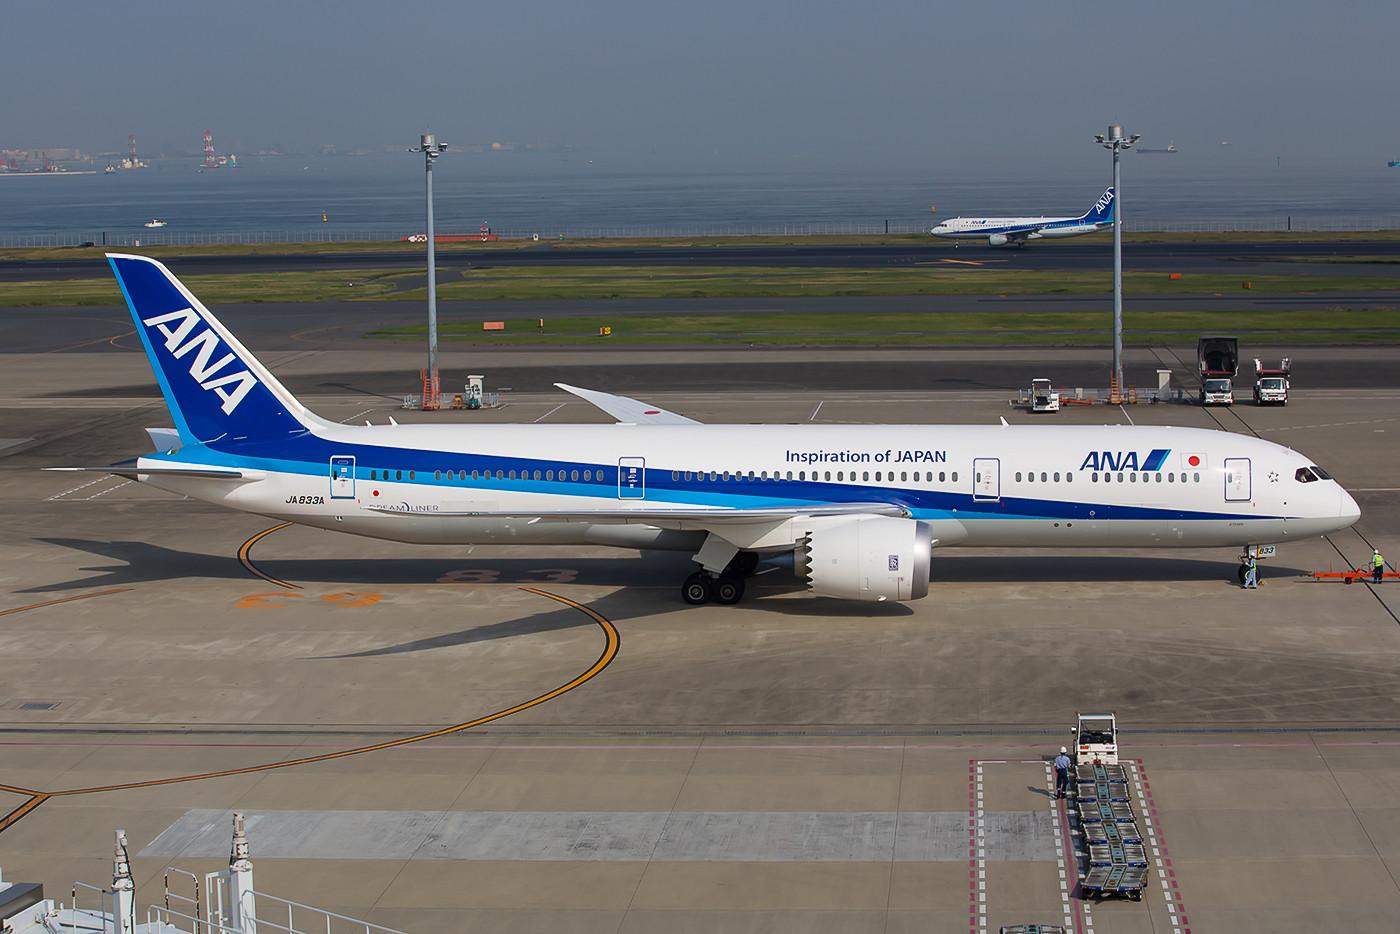 Die JA833A ist eine Boeing 787-9, ihr längerer Rumpf macht die Silhouette gefälliger.